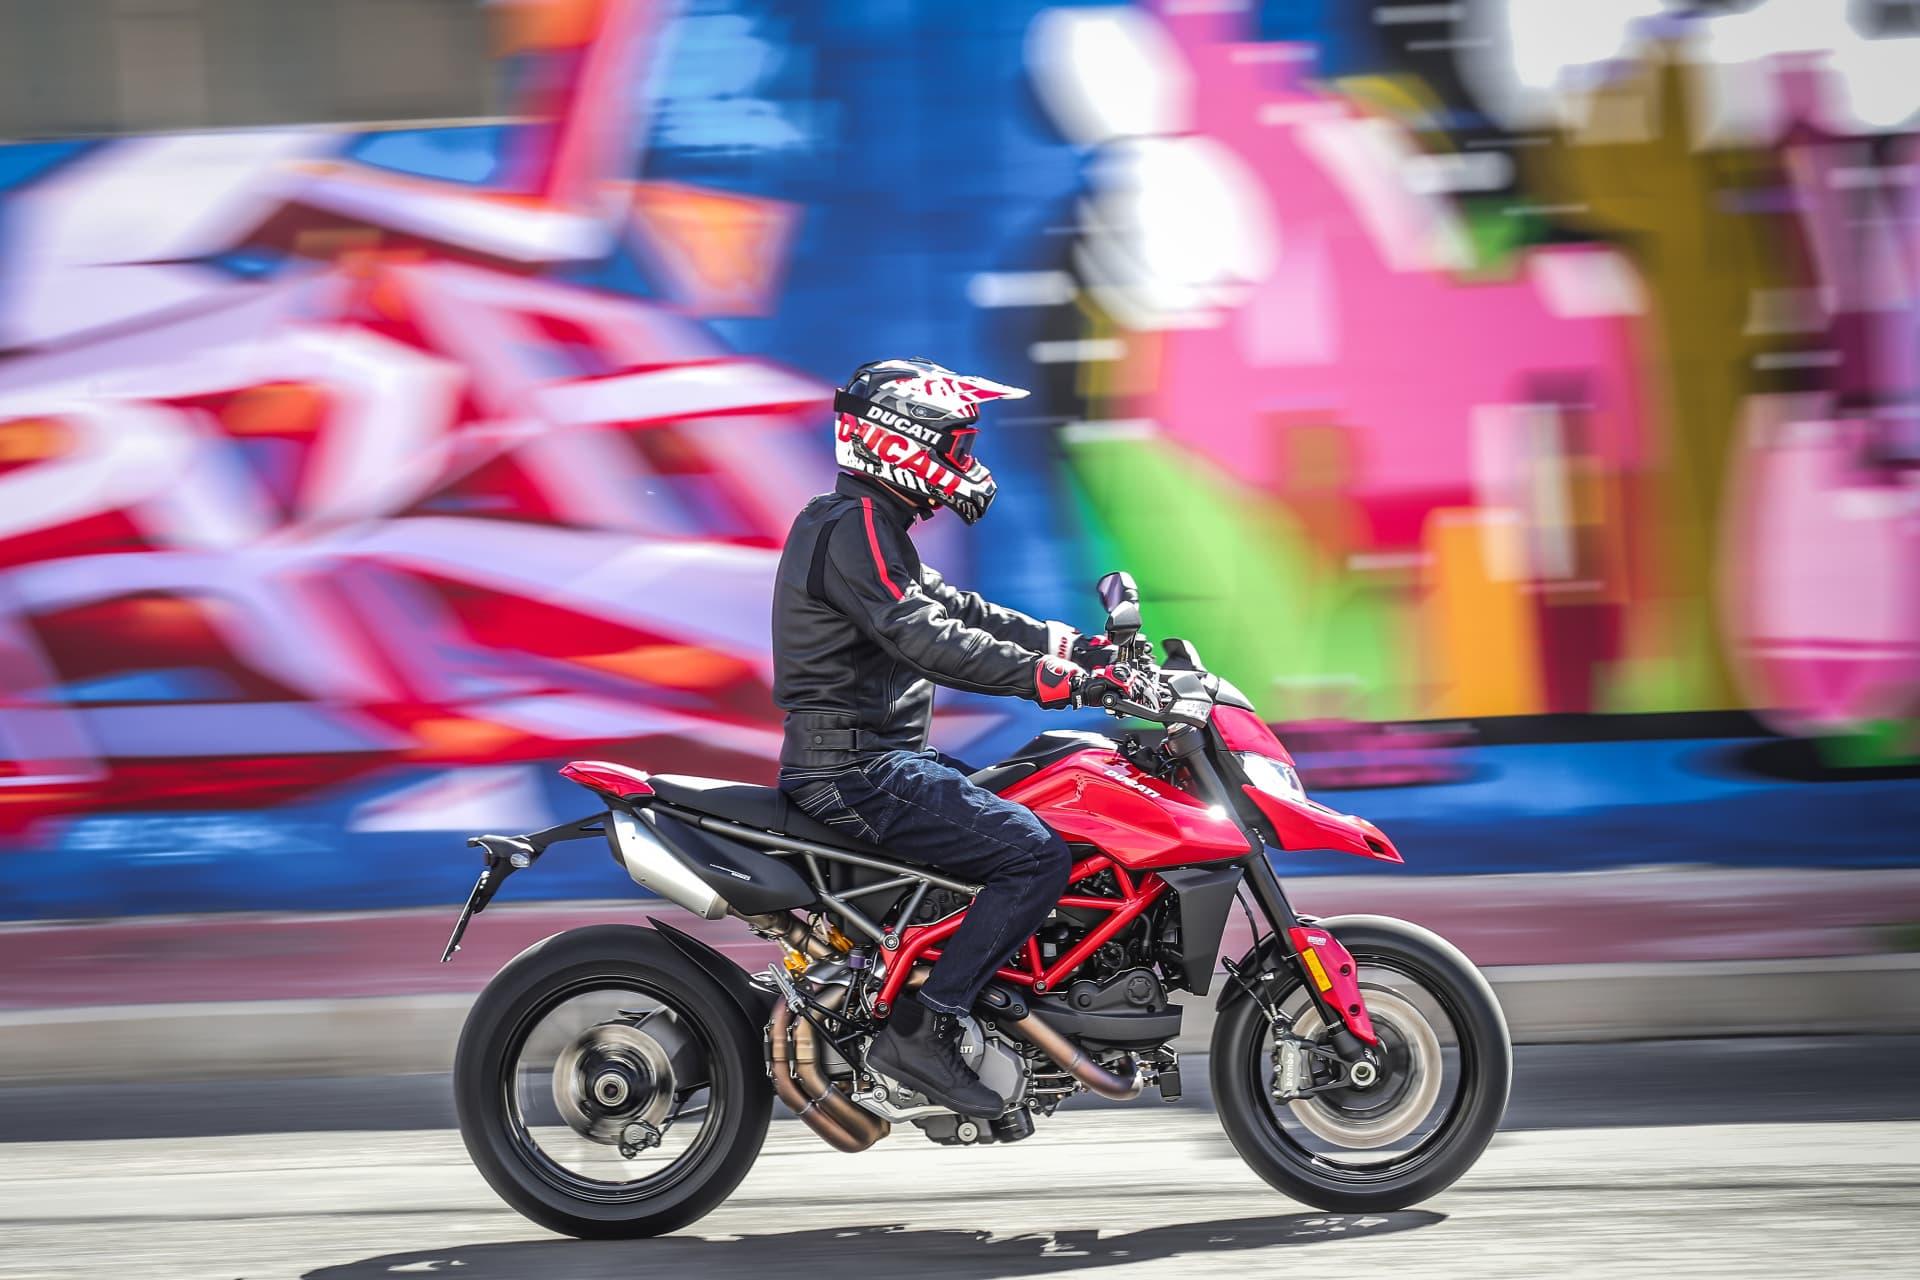 Ducati Hypermotard 950 Action 16 Uc70357 Mid